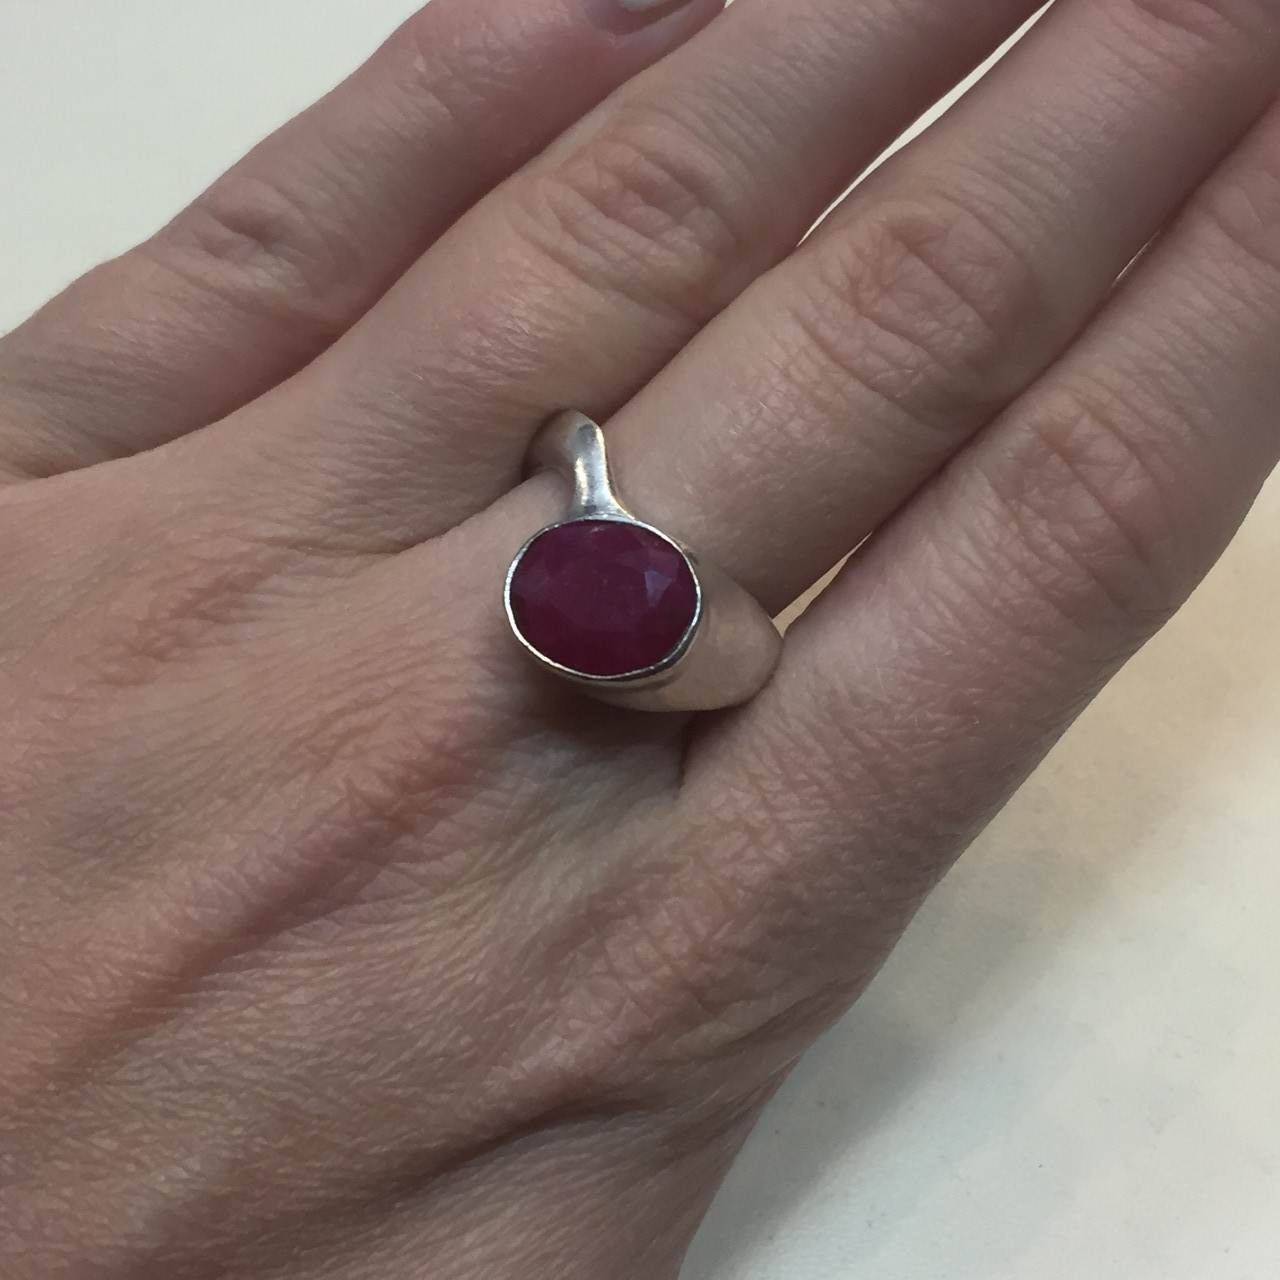 Рубин необычное кольцо с камнем рубин размер 18,3. Кольцо с рубином Индия!